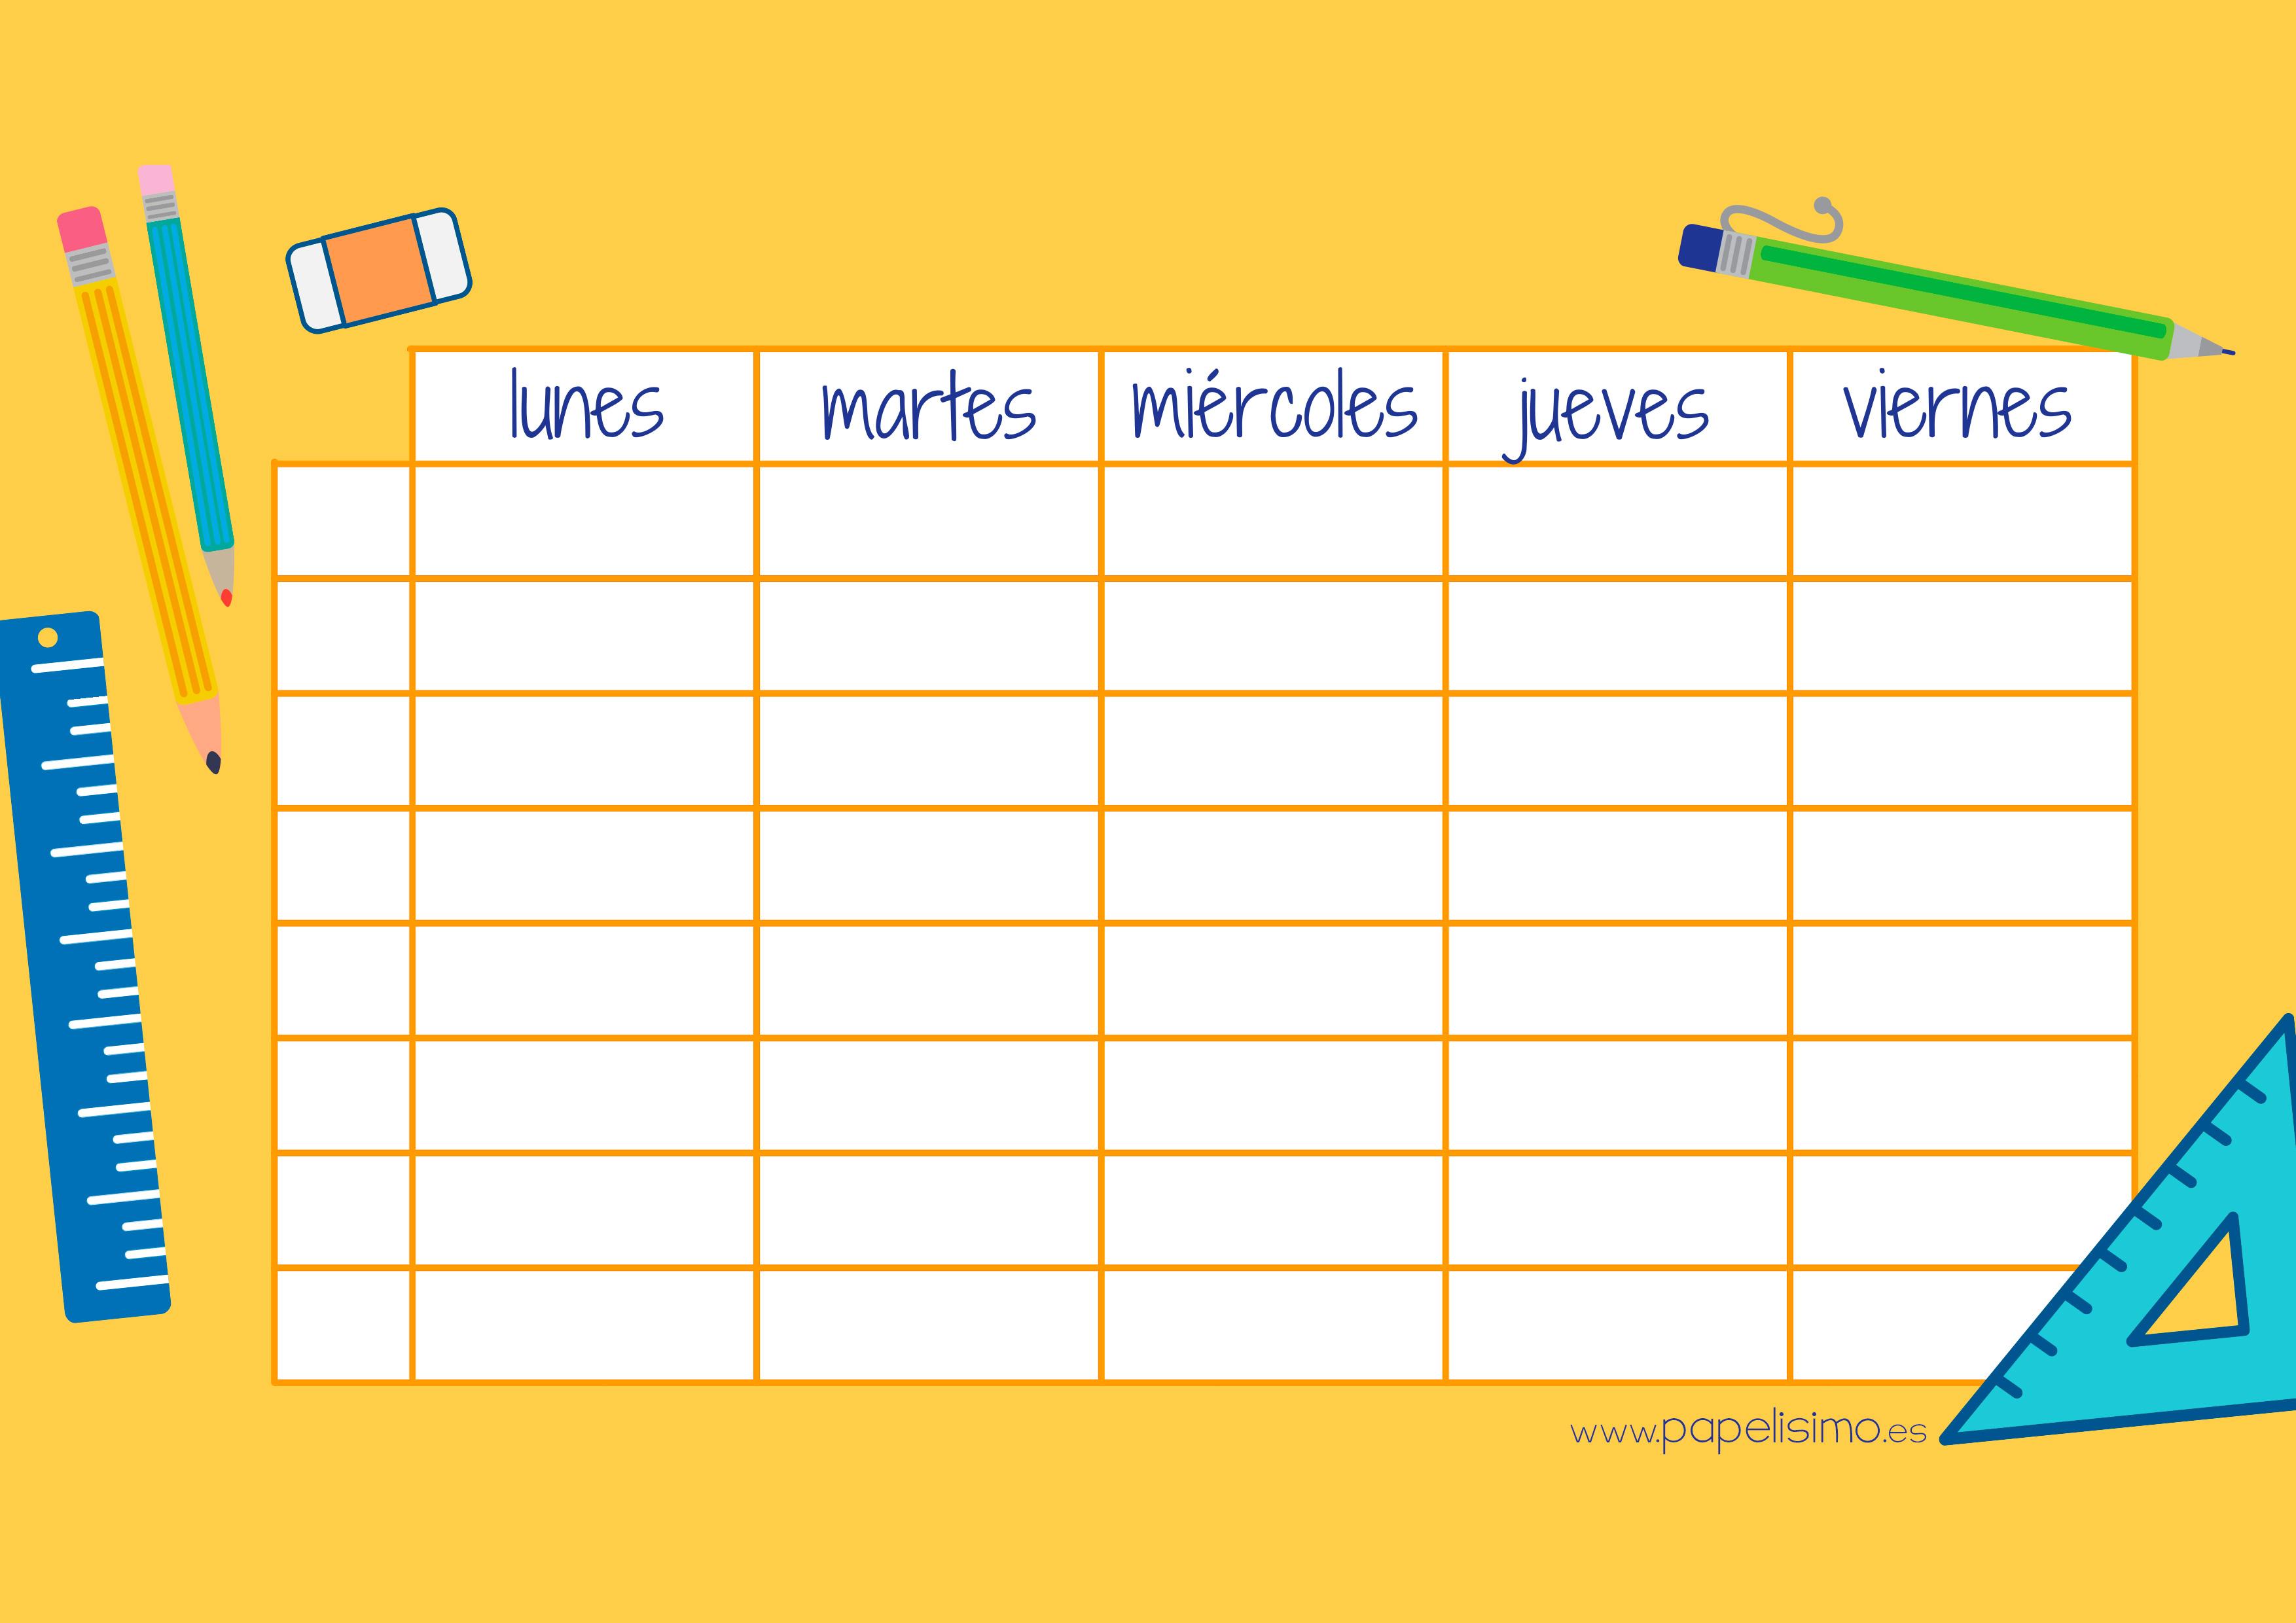 etiquetas para libros y horario para imprimir papelisimo